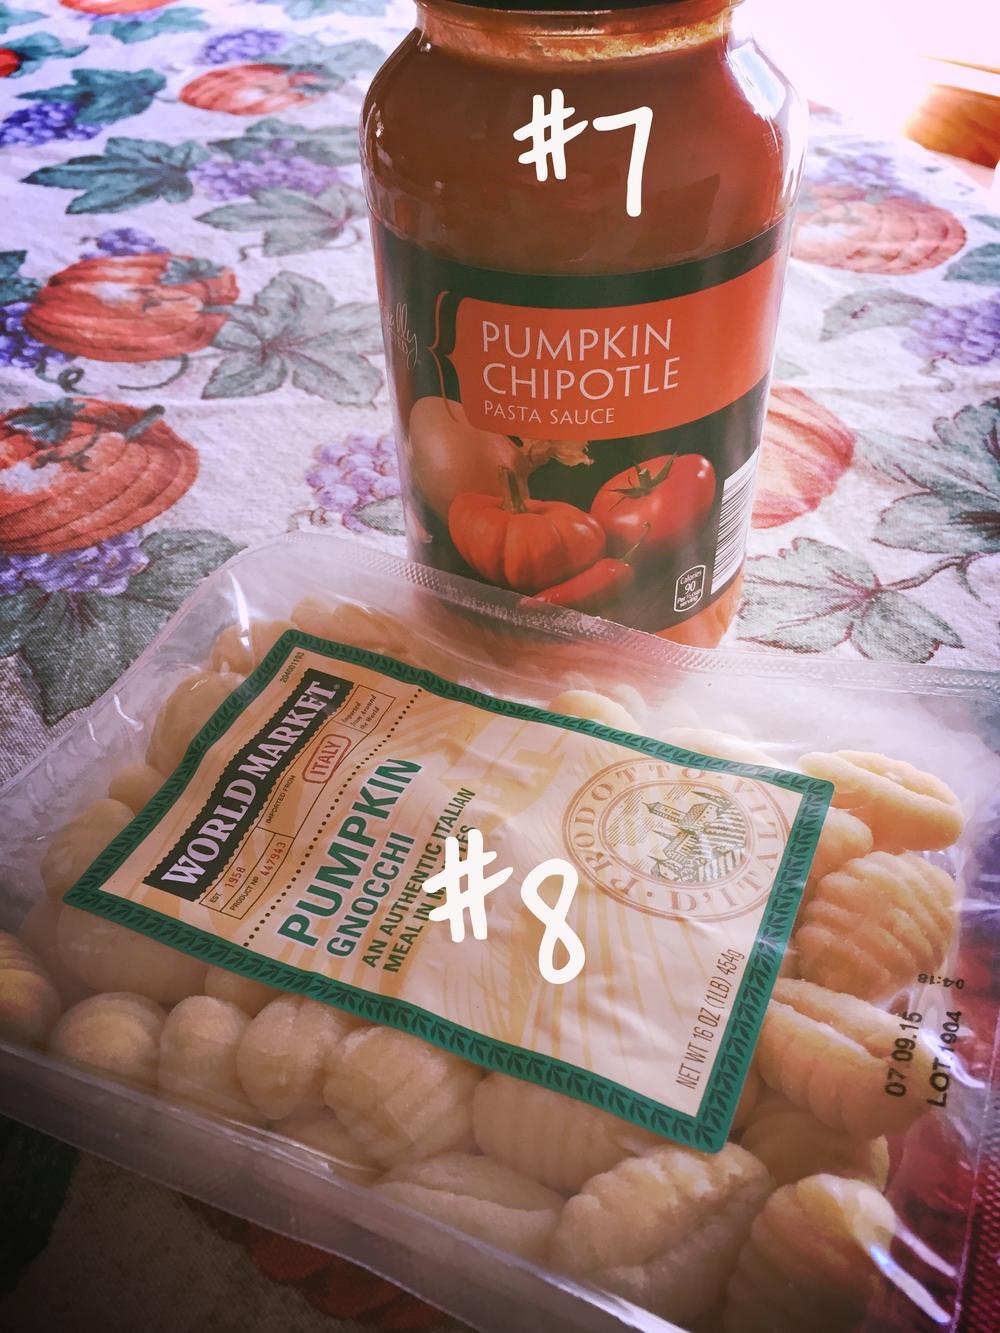 World Market Pumpkin Gnocchi + Aldi Brand Pumpkin Chipotle Sauce